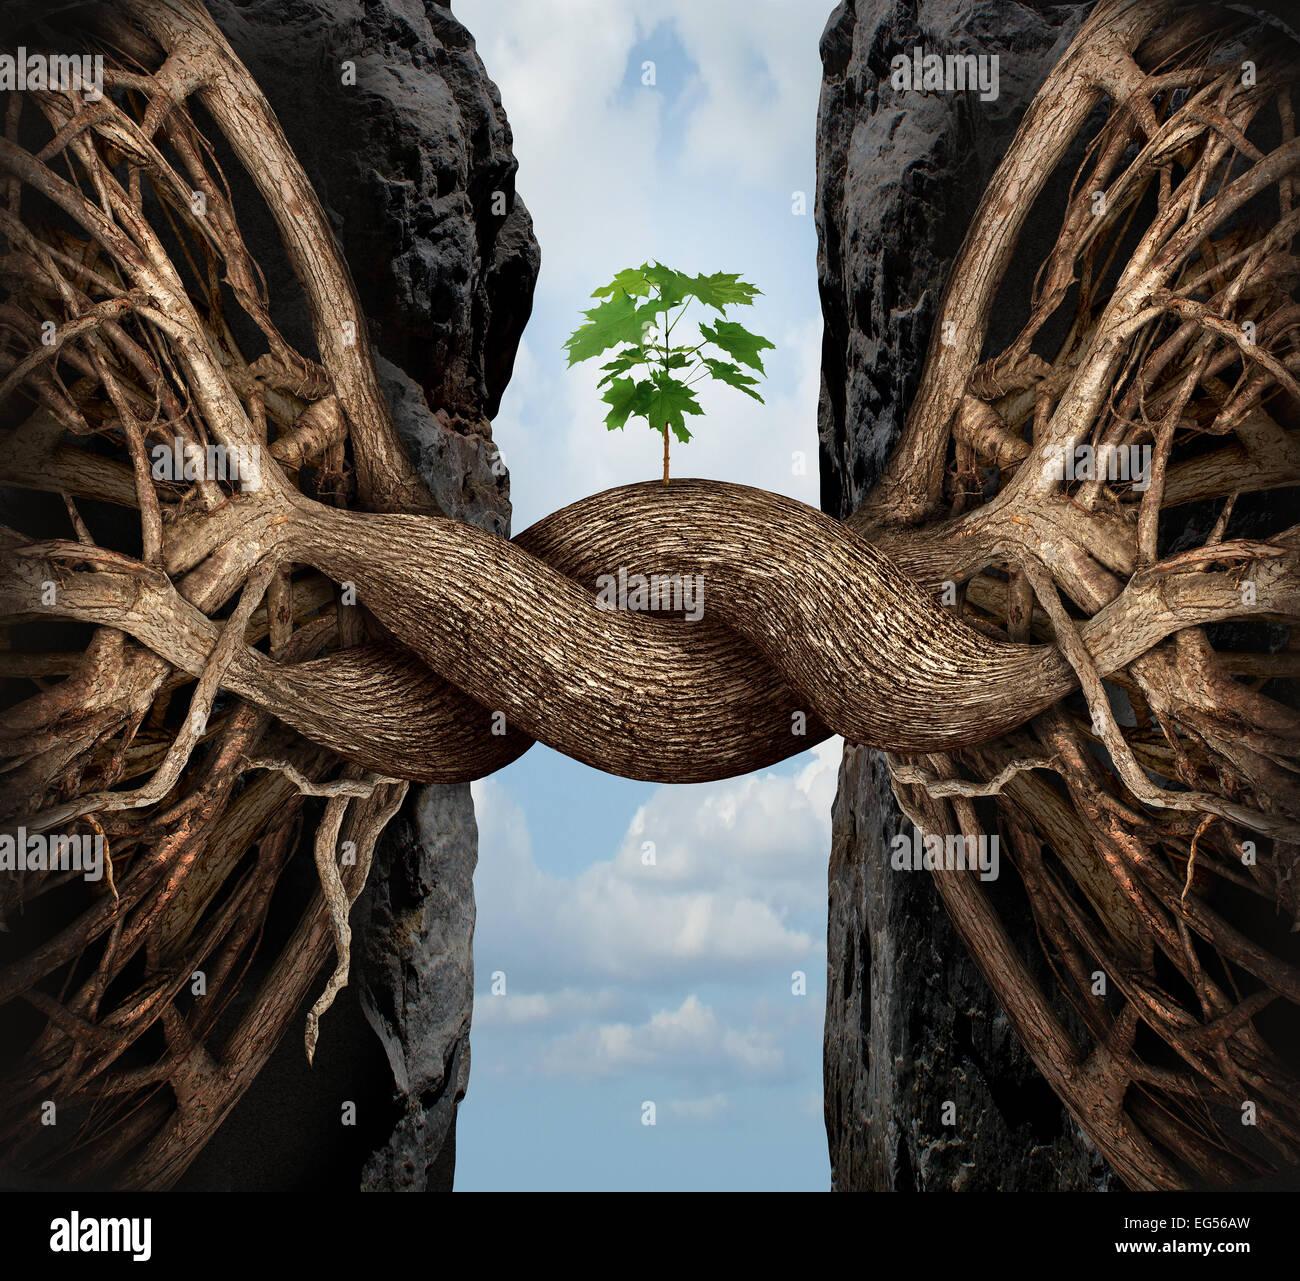 Unità il concetto di crescita e di colmare il divario azienda simbolo come due radici di albero su un alta Immagini Stock